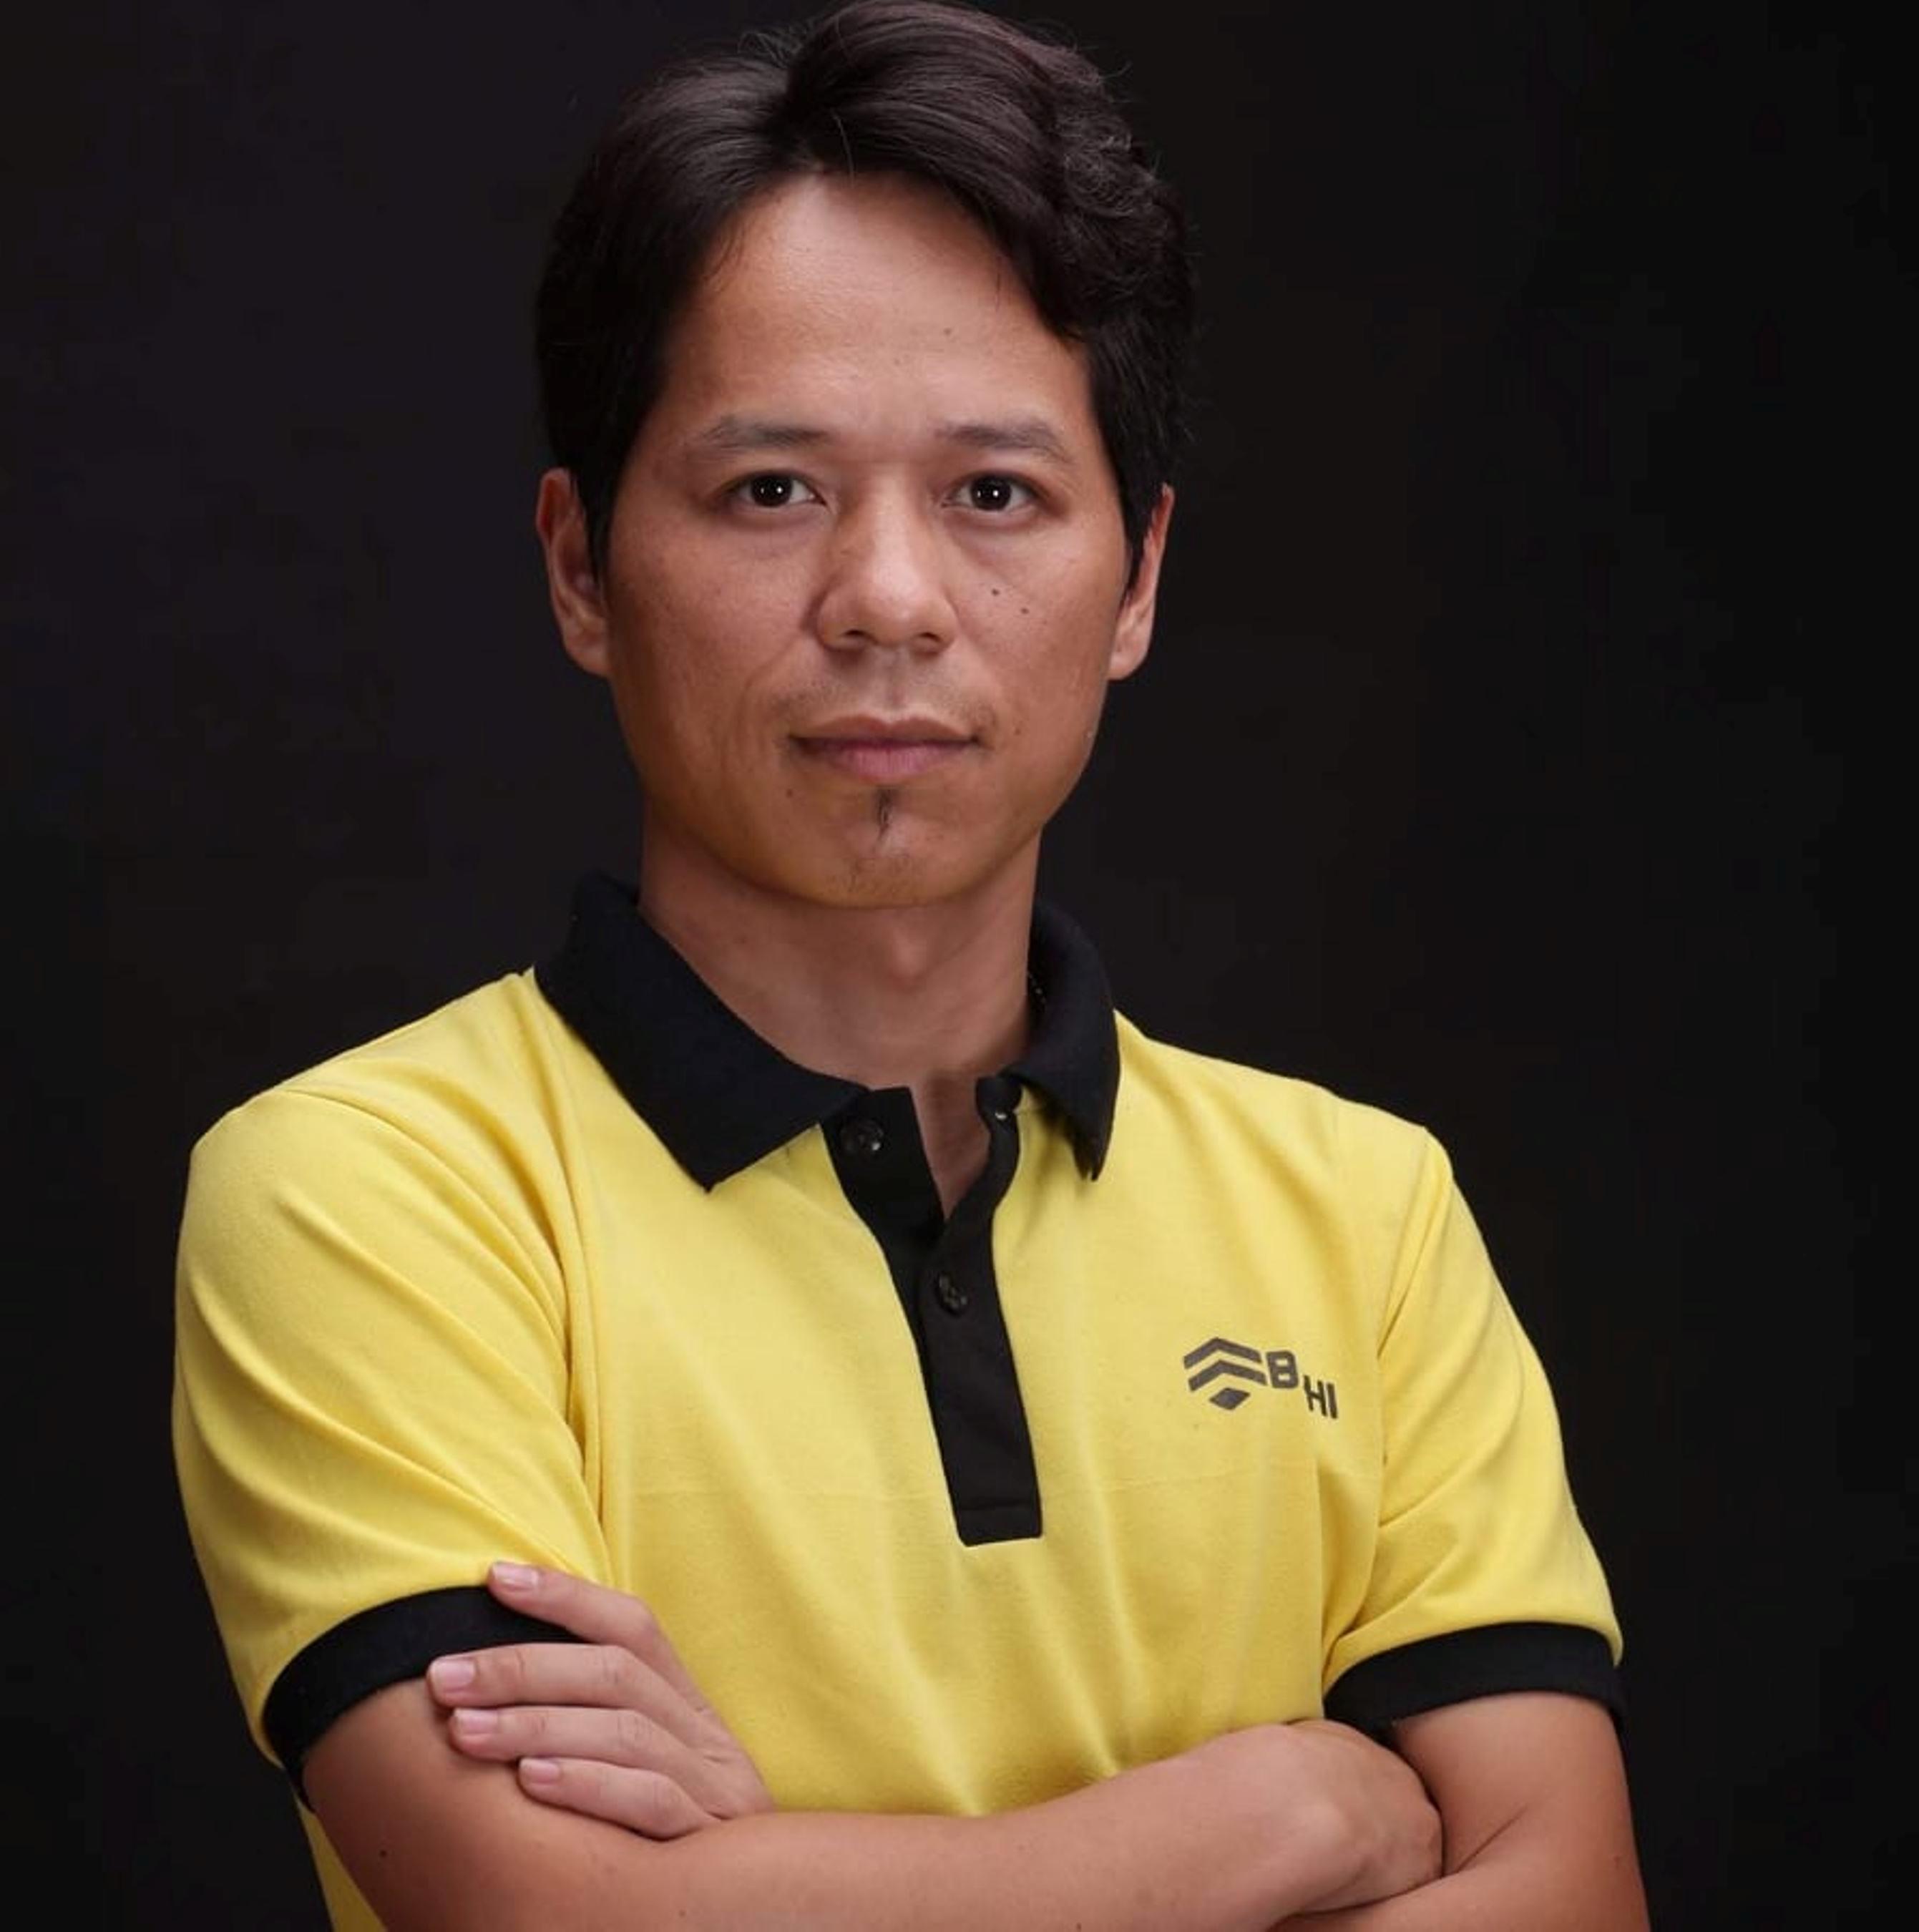 Giám đốc Công ty TNHH Bảo Chi Ngô Văn Trọng